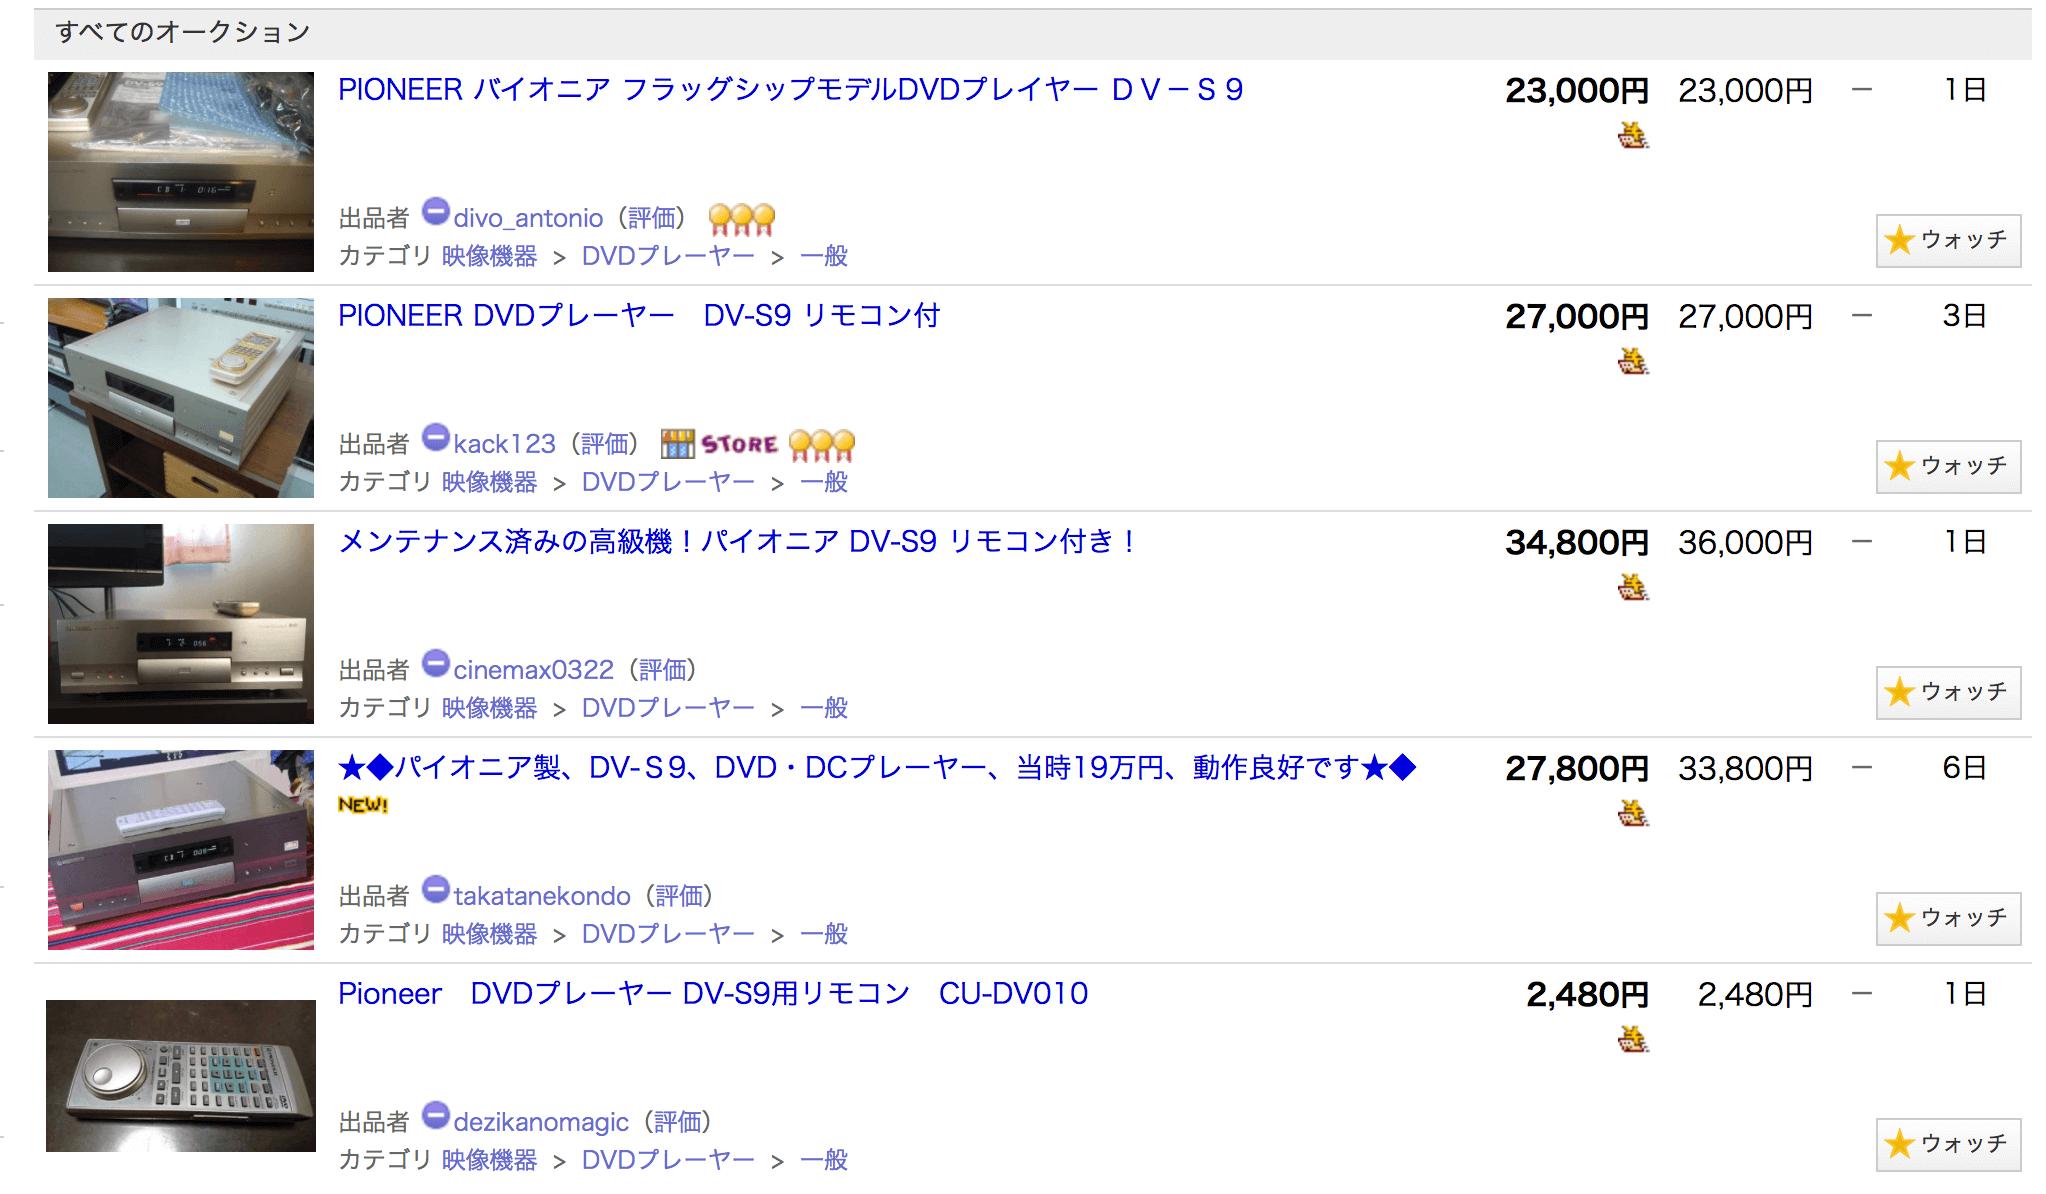 ヤフオク転売で月10万円稼ぐ為におすすめの極秘手法6選!